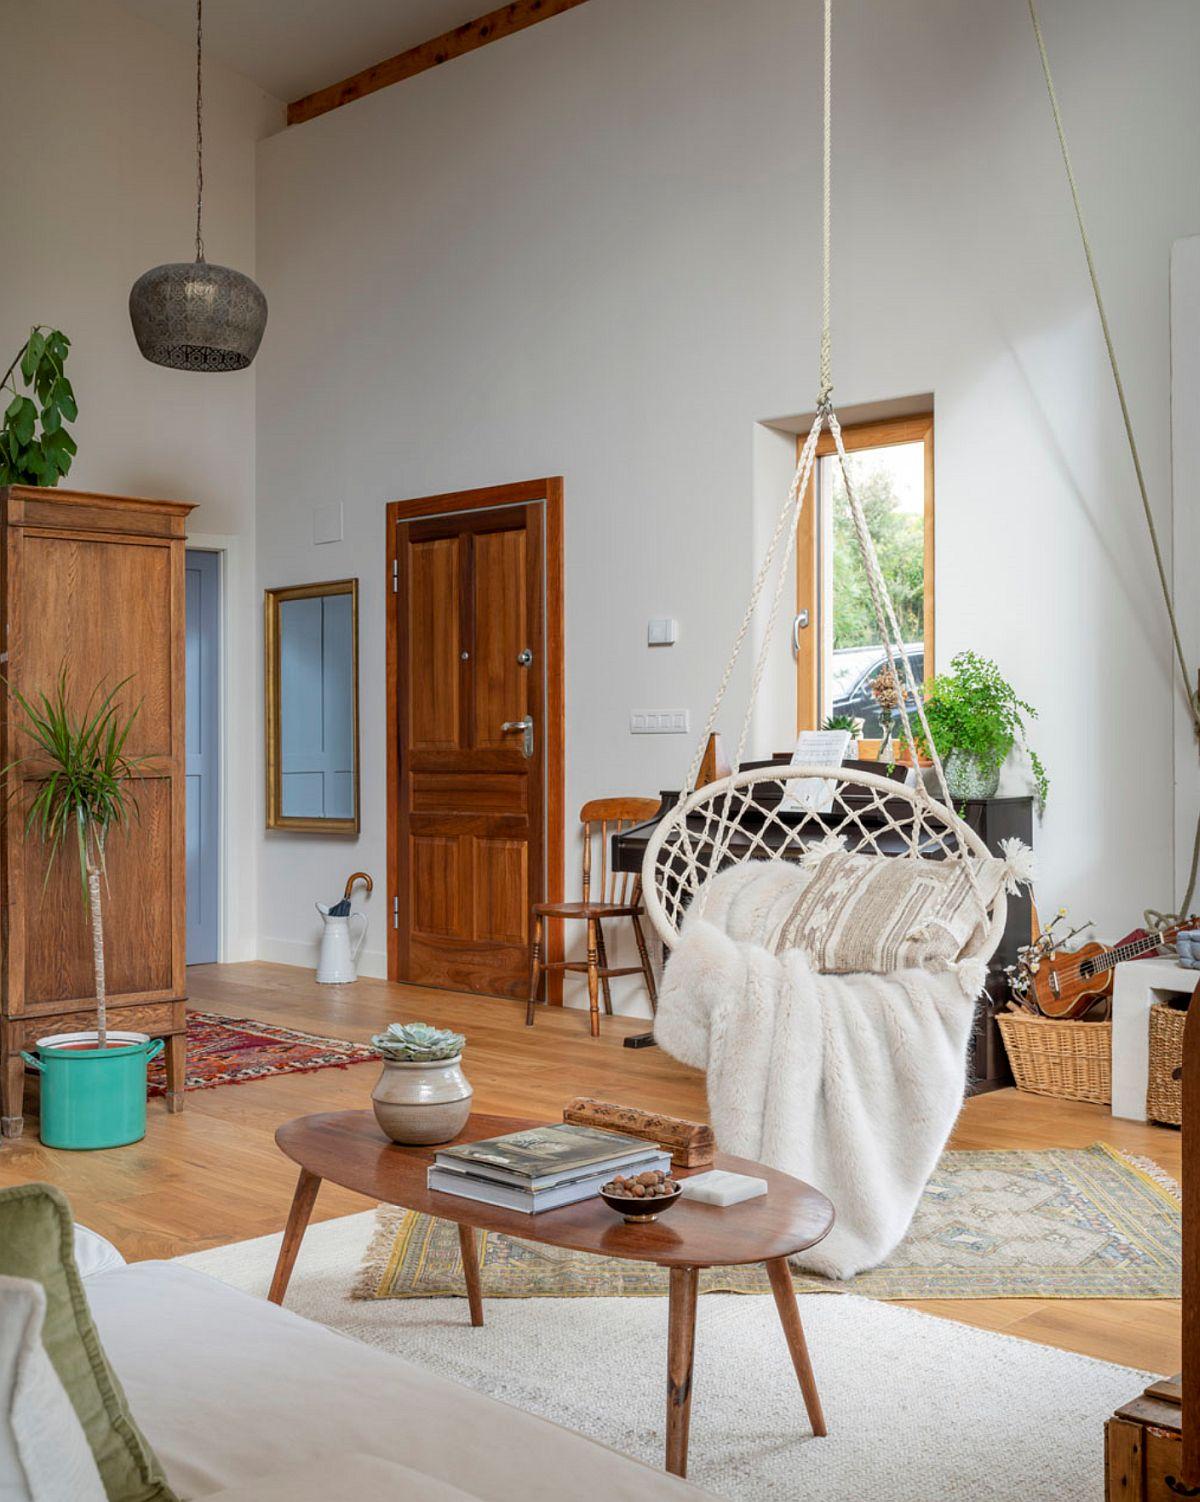 Din holul de la intrare parterul se deschide cu totul. În prima parte sunt grupate locurile de ședere din living cu o mulțime de ferestre. De asemenea, în prima parte a parterului, înălțimea spațiului este mai mare, ceea ce dă impresia de mai mult aer, de loc în care te poți mișca și respira în voie.